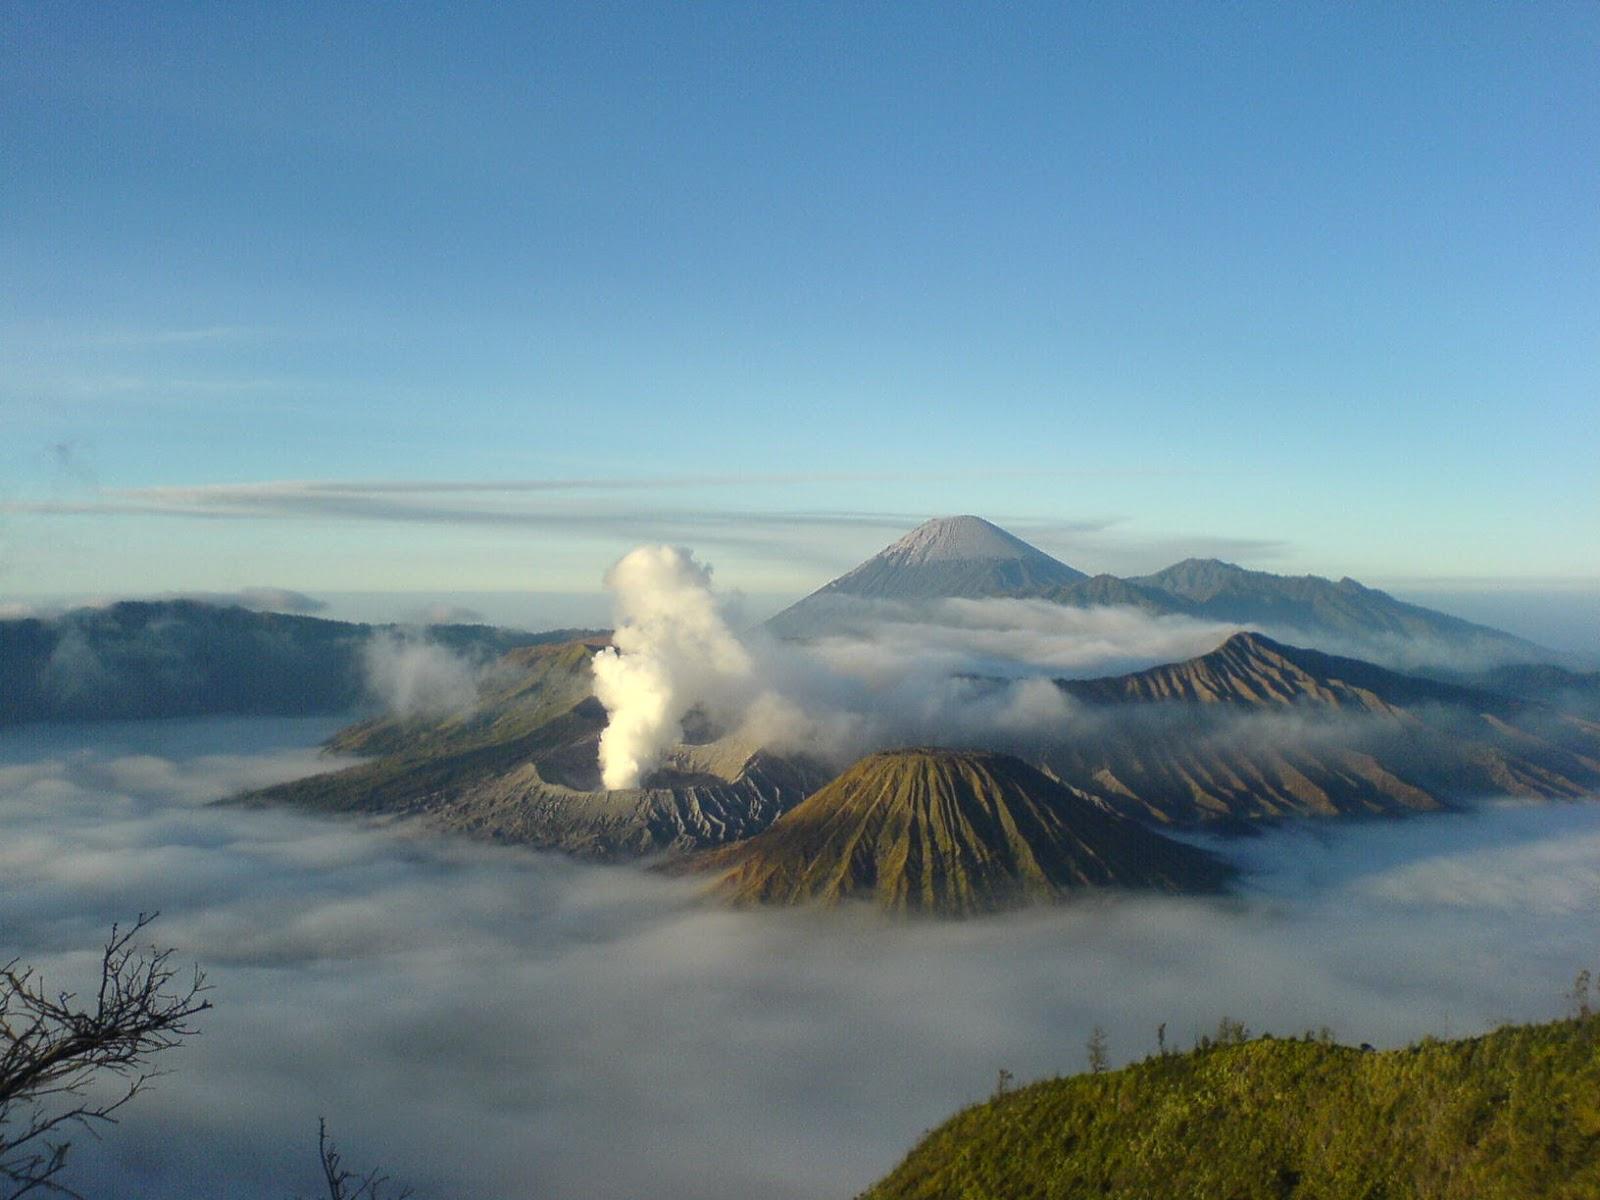 Probolinggo Indonesia  city images : Gunung Bromo bukan hanya dikenal oleh masyarakat Indonesia, tetapi ...